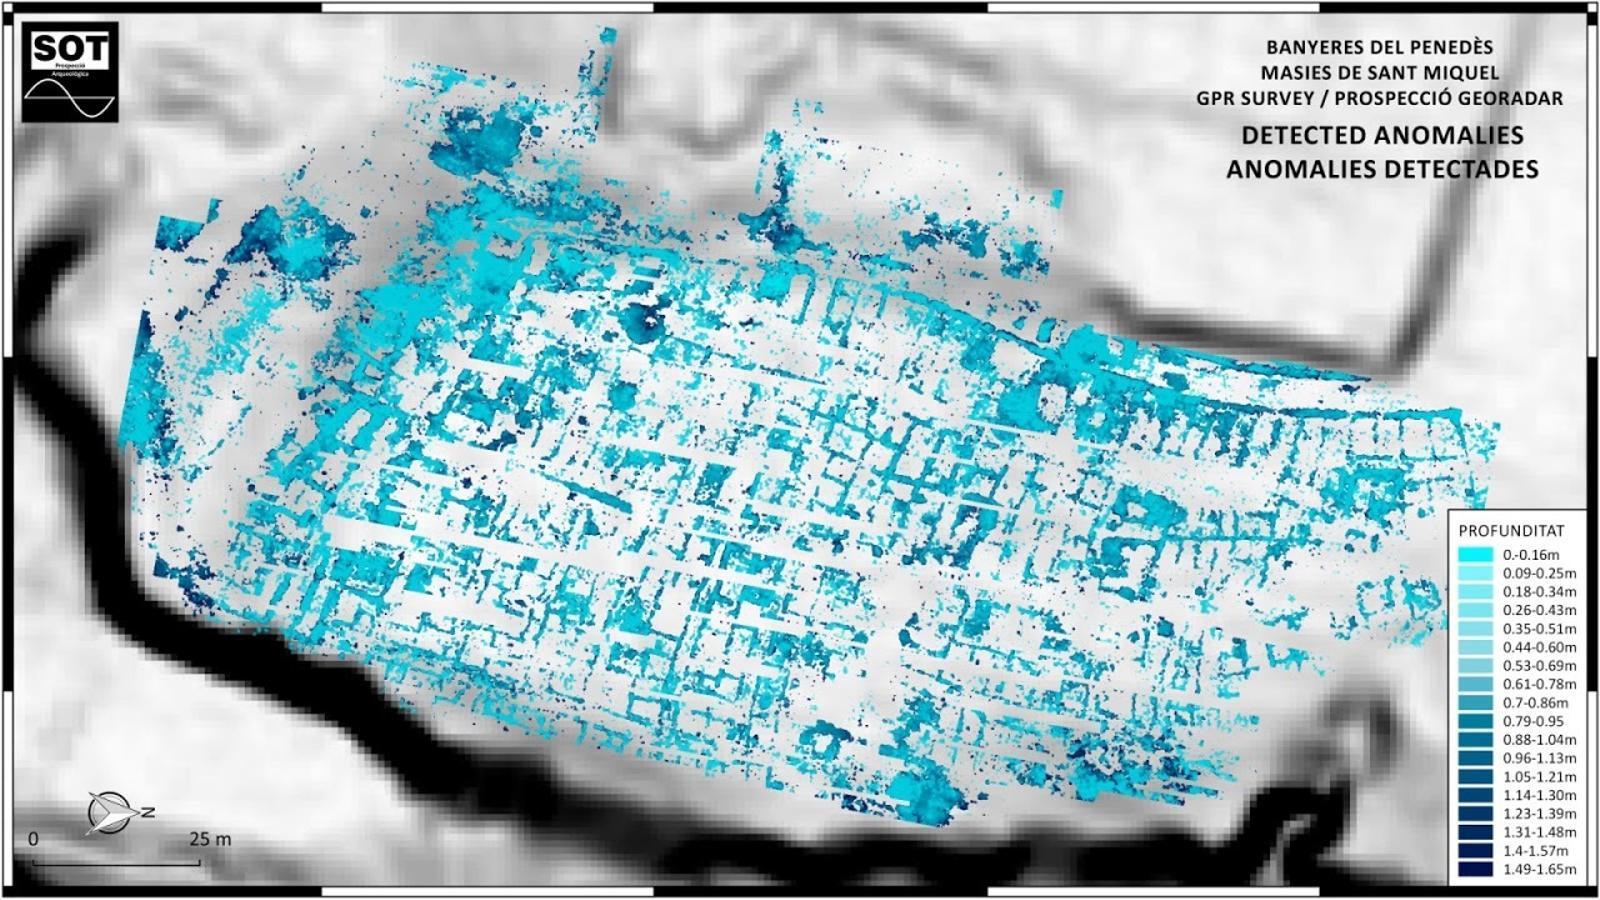 L'ús del georadar ha permès una gran ciutat ibera soterrada a Banyeres del Penedès